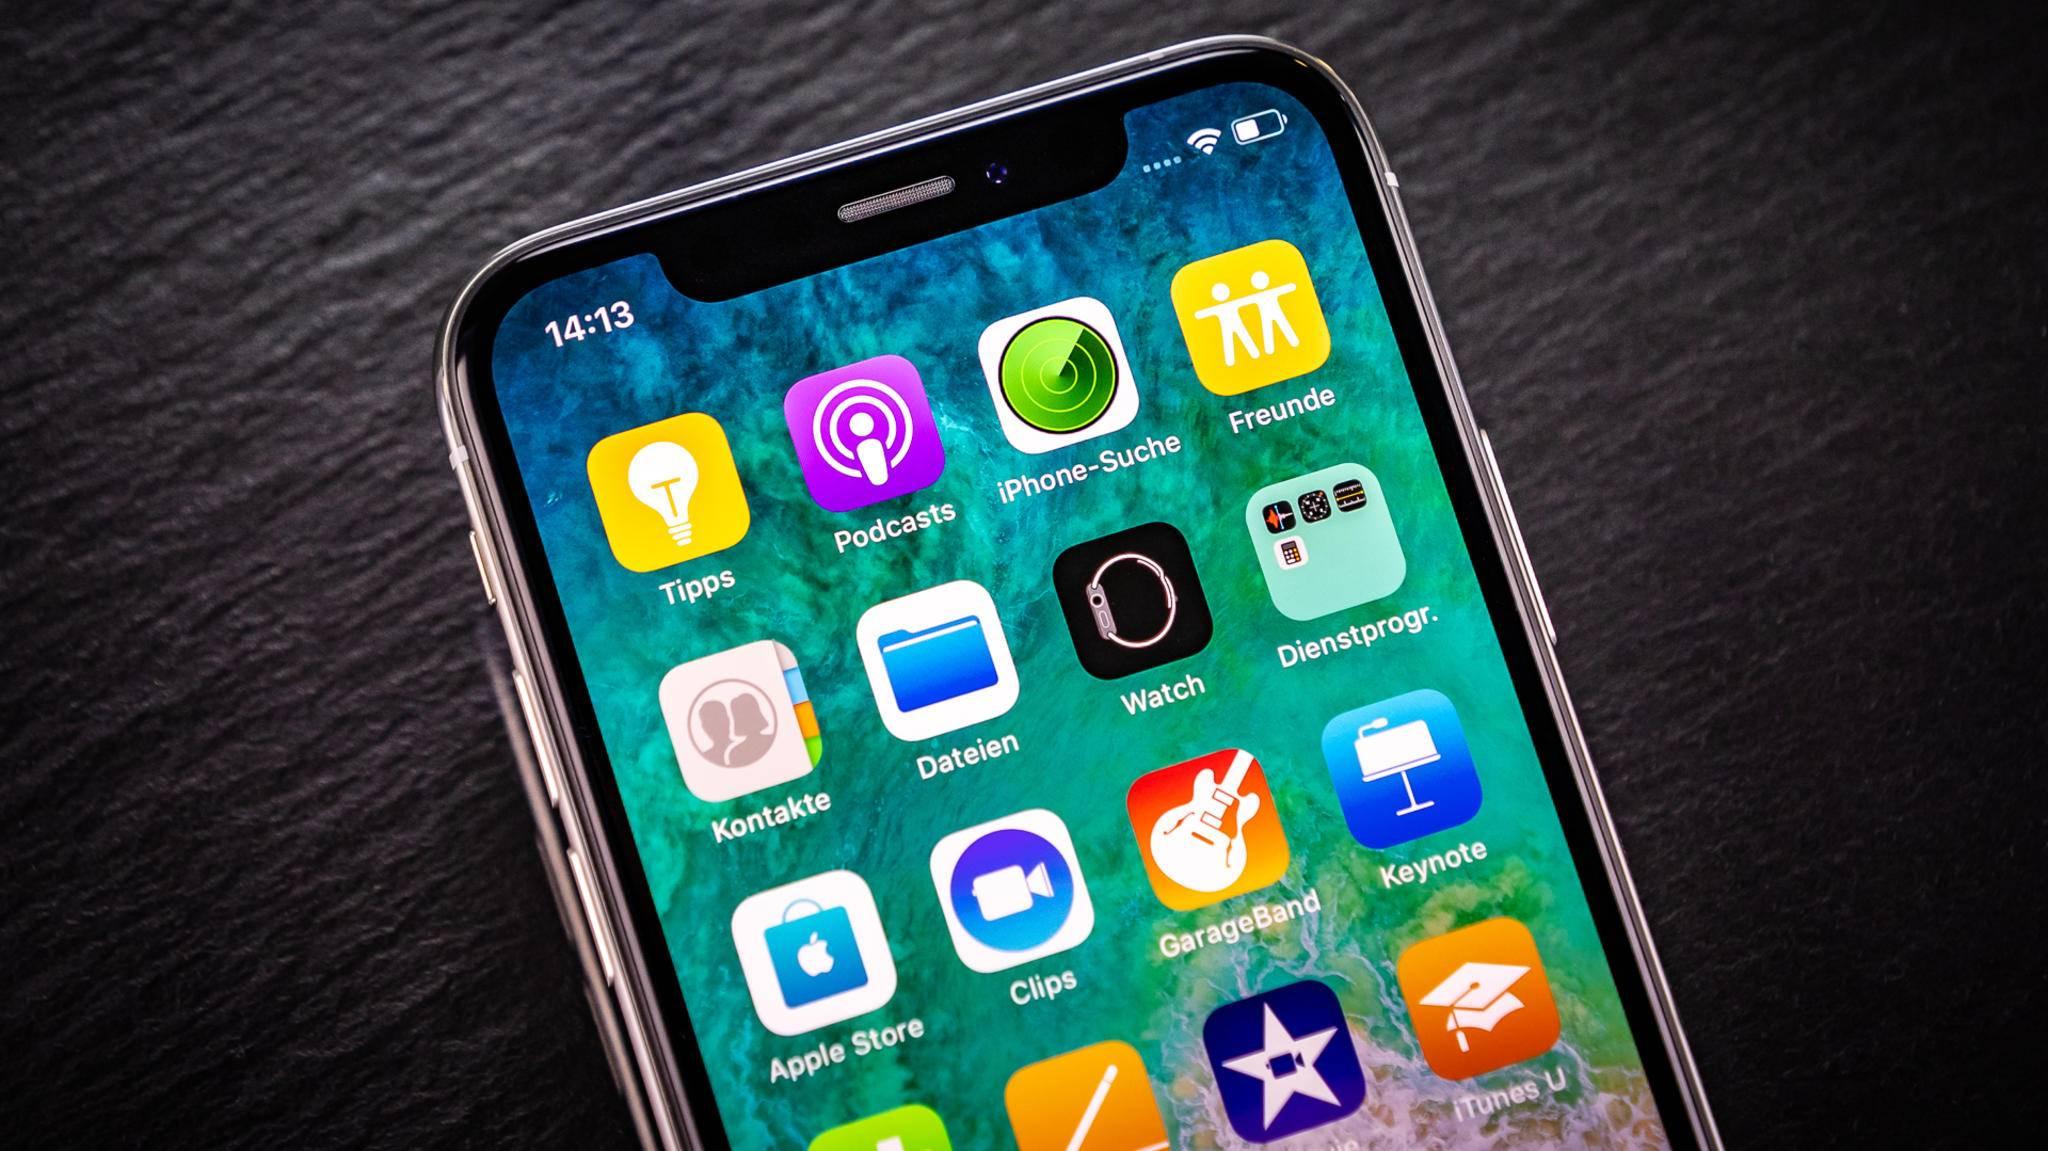 Die teuersten Premium-Smartphones (hier das iPhone XS) werden am liebsten bei Apple gekauft.